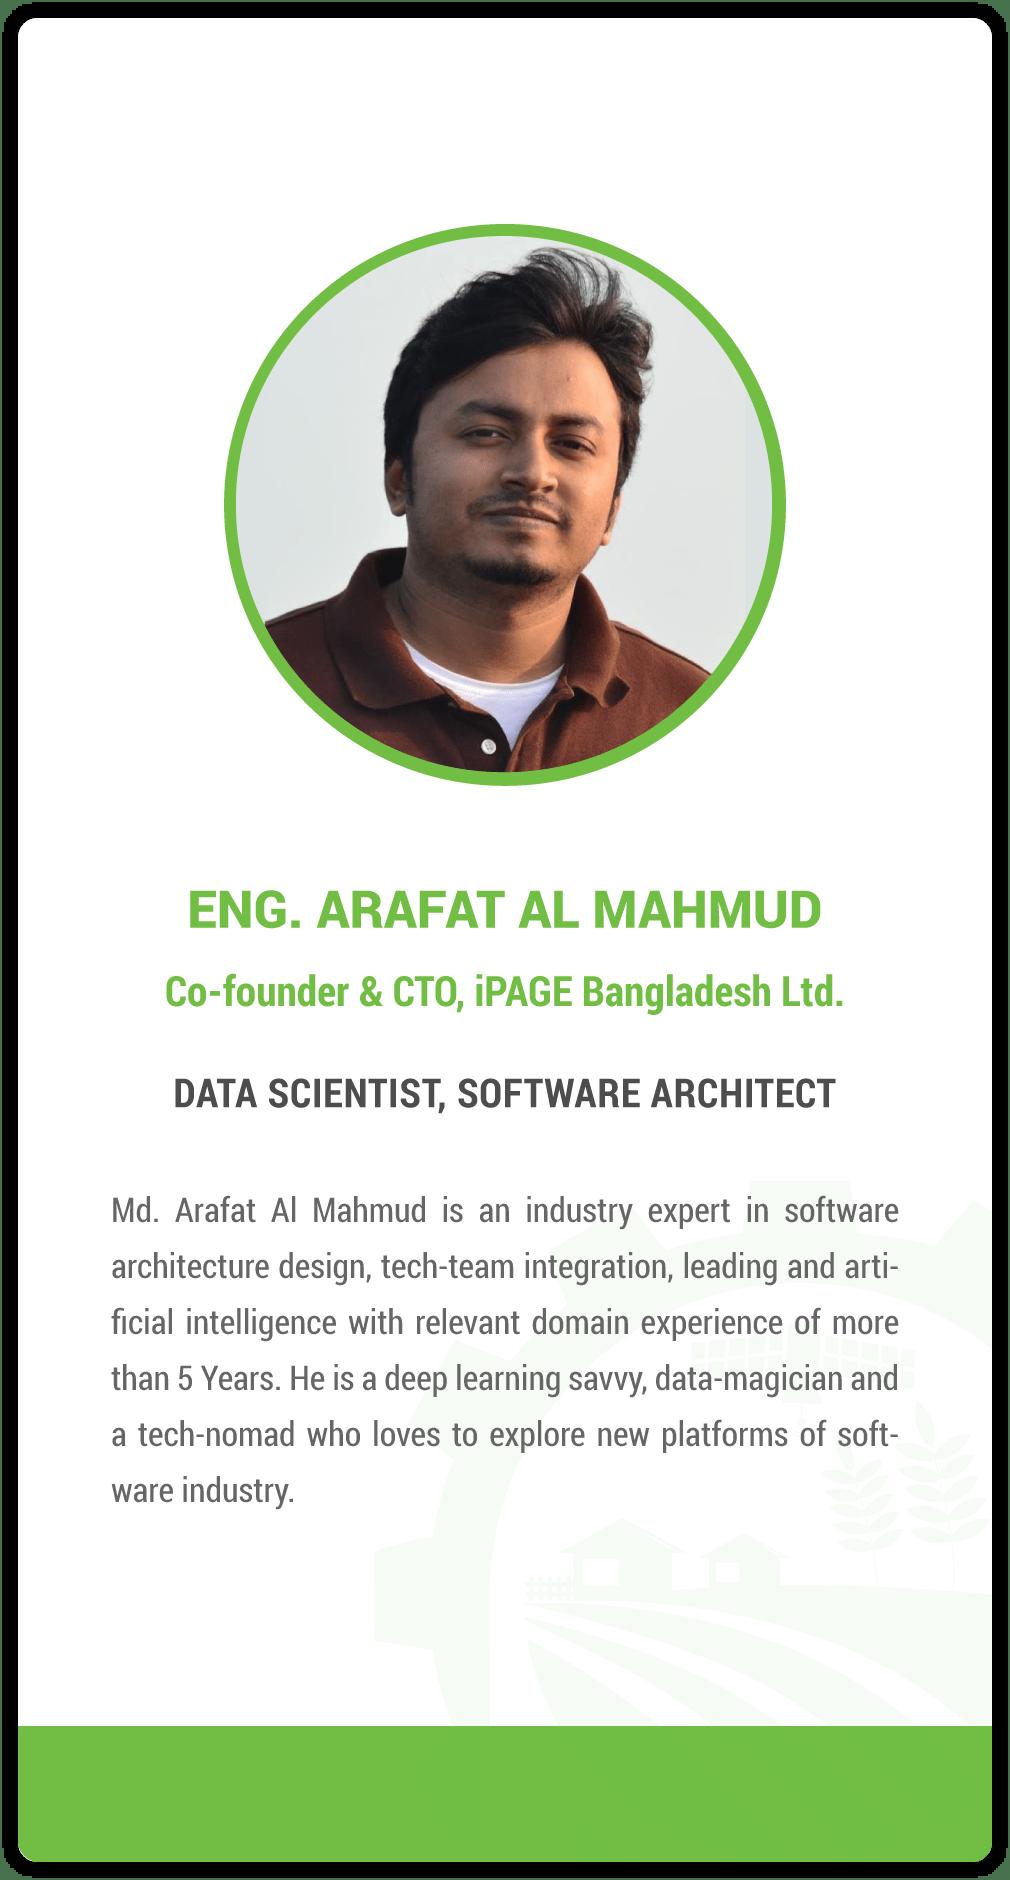 Arafat Al Mahmud